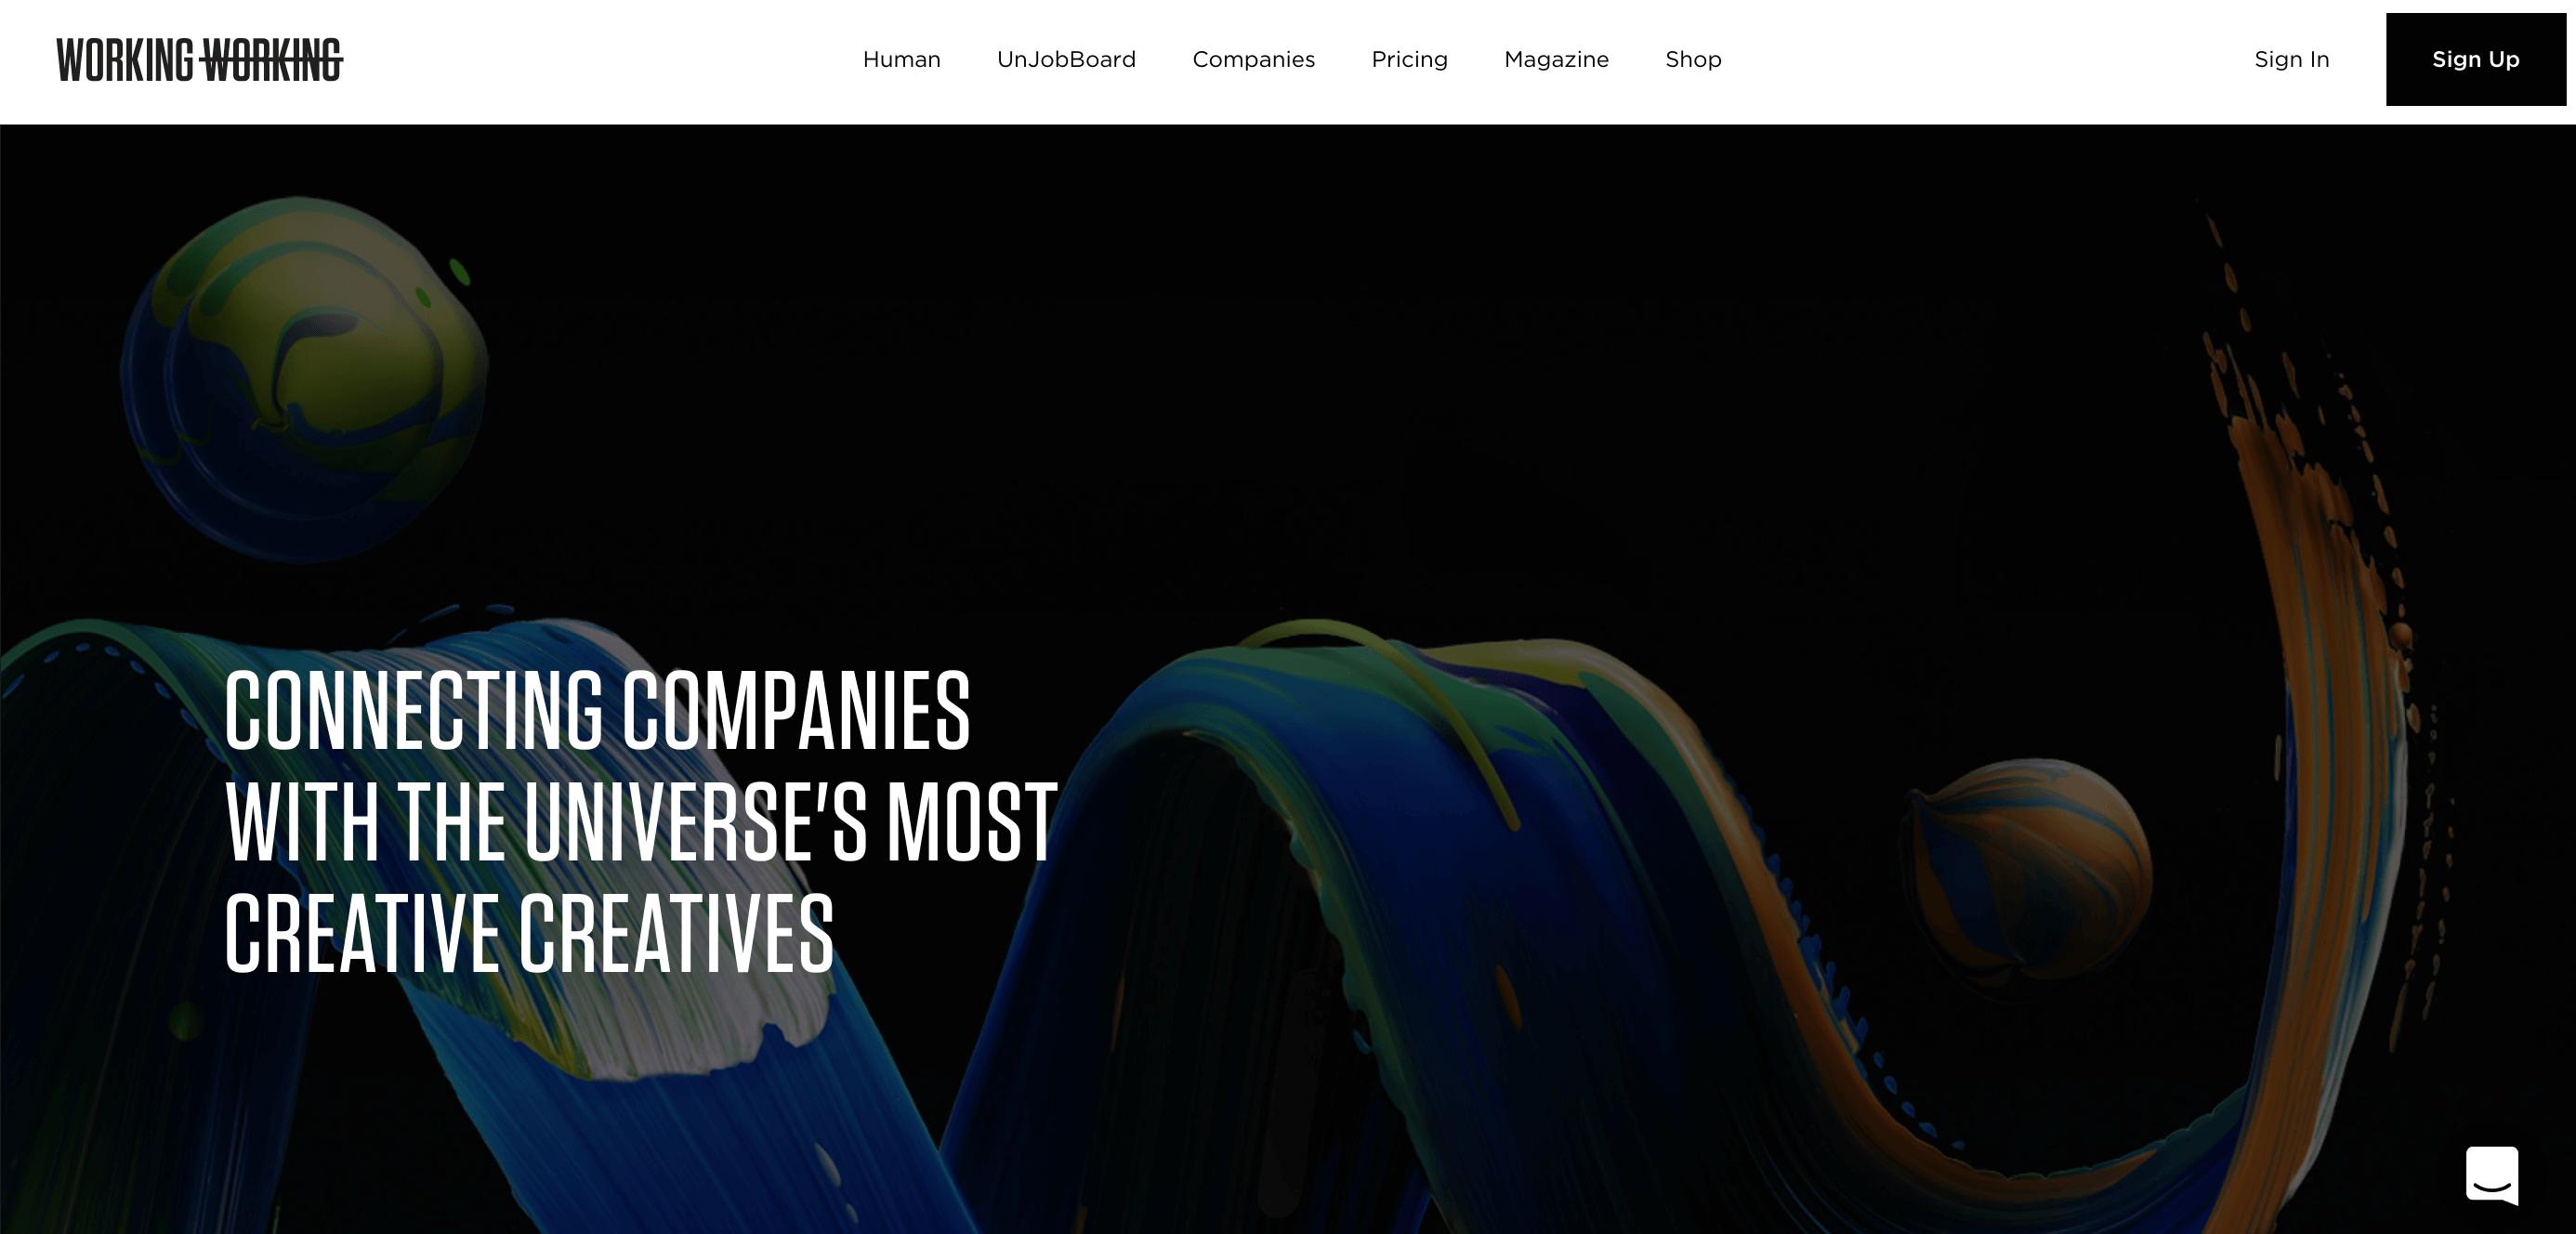 Los mejores sitios de trabajos independientes que no funcionan para diseñadores